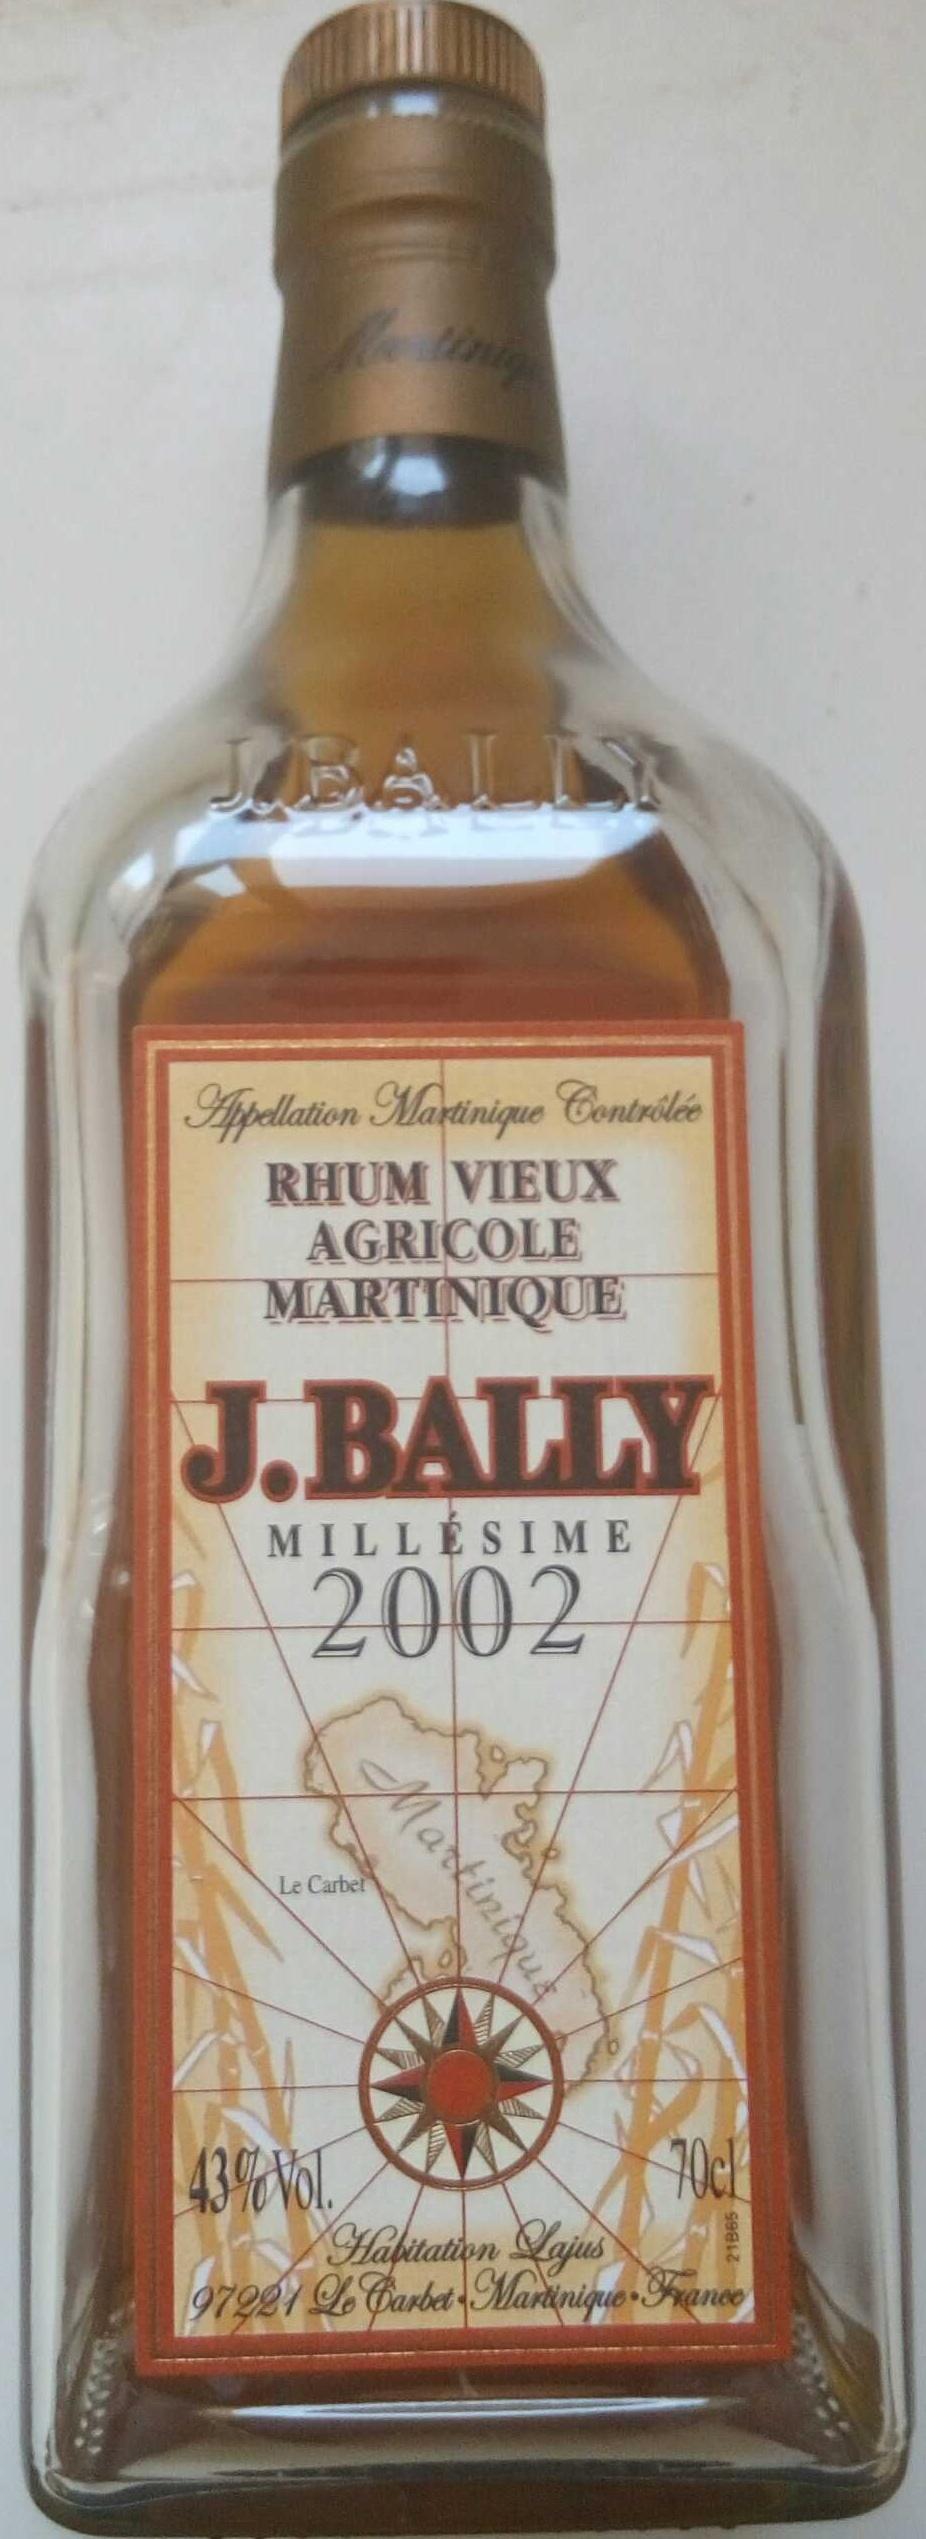 Rhum vieux agricole Martinique Millésime 2002 - Product